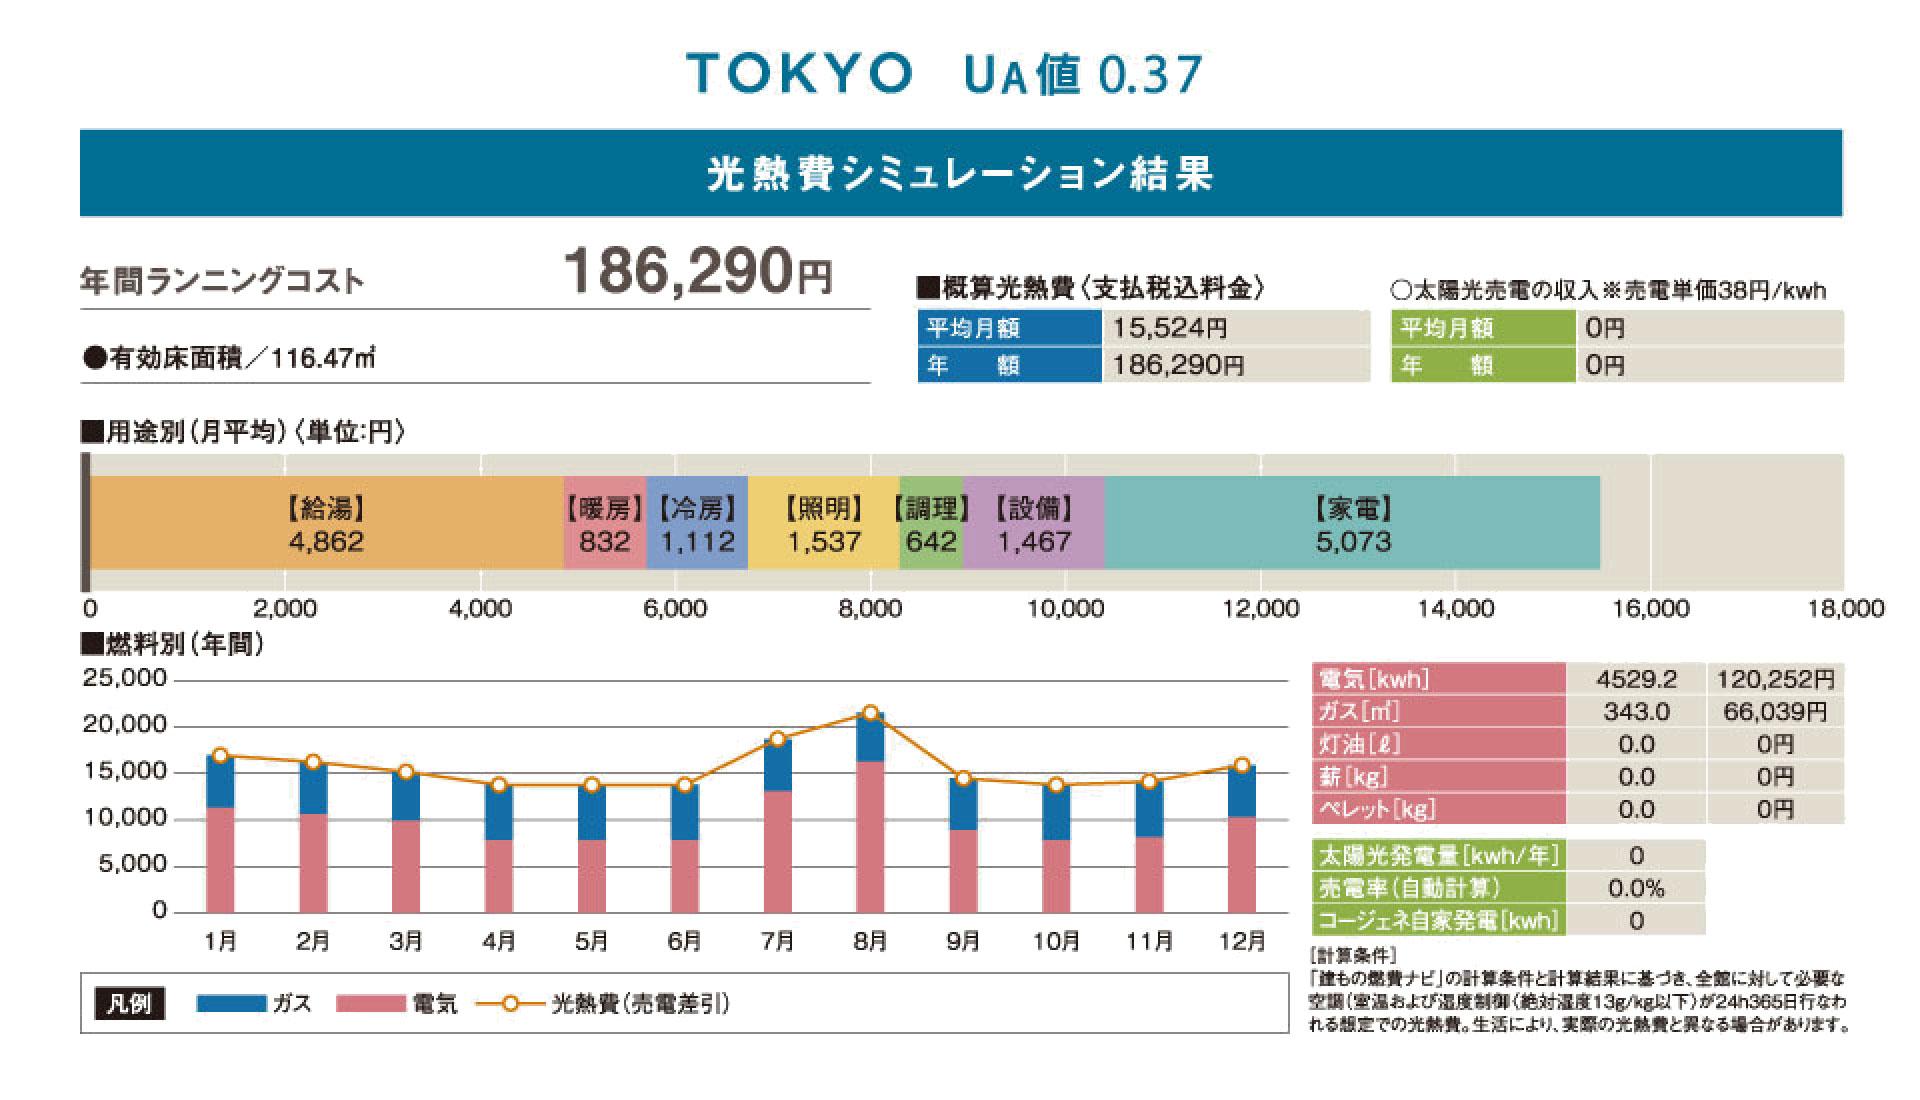 TOKYO UA値 0.37